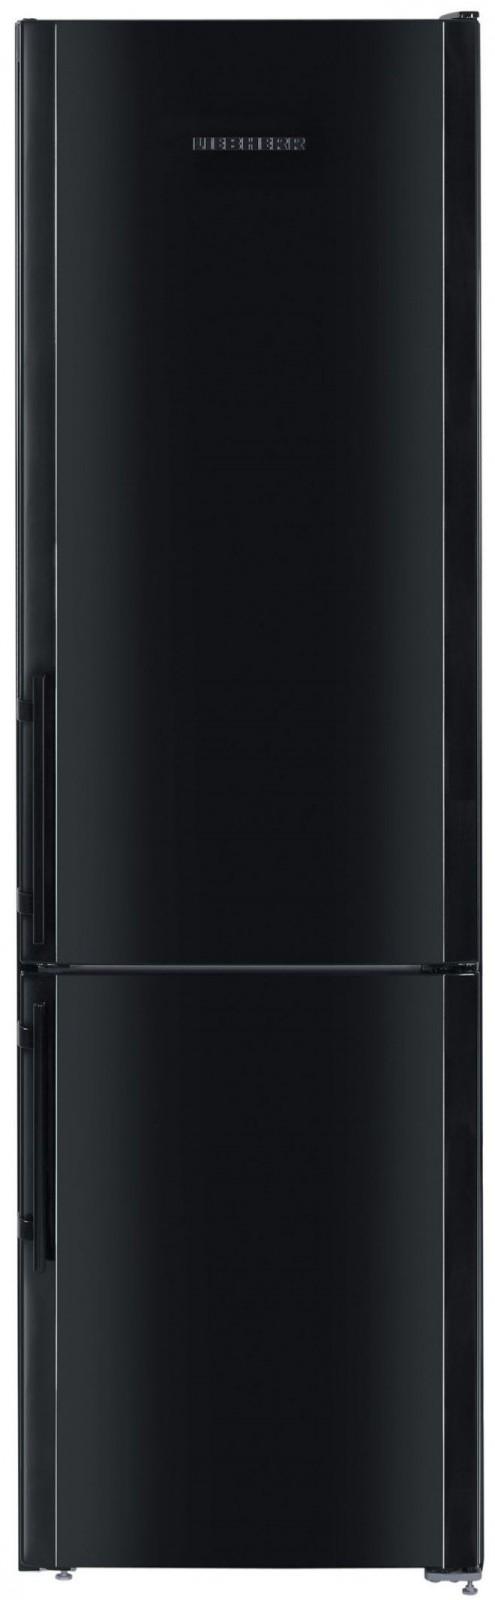 купить Двухкамерный холодильник Liebherr CBNb 3913 Украина фото 1